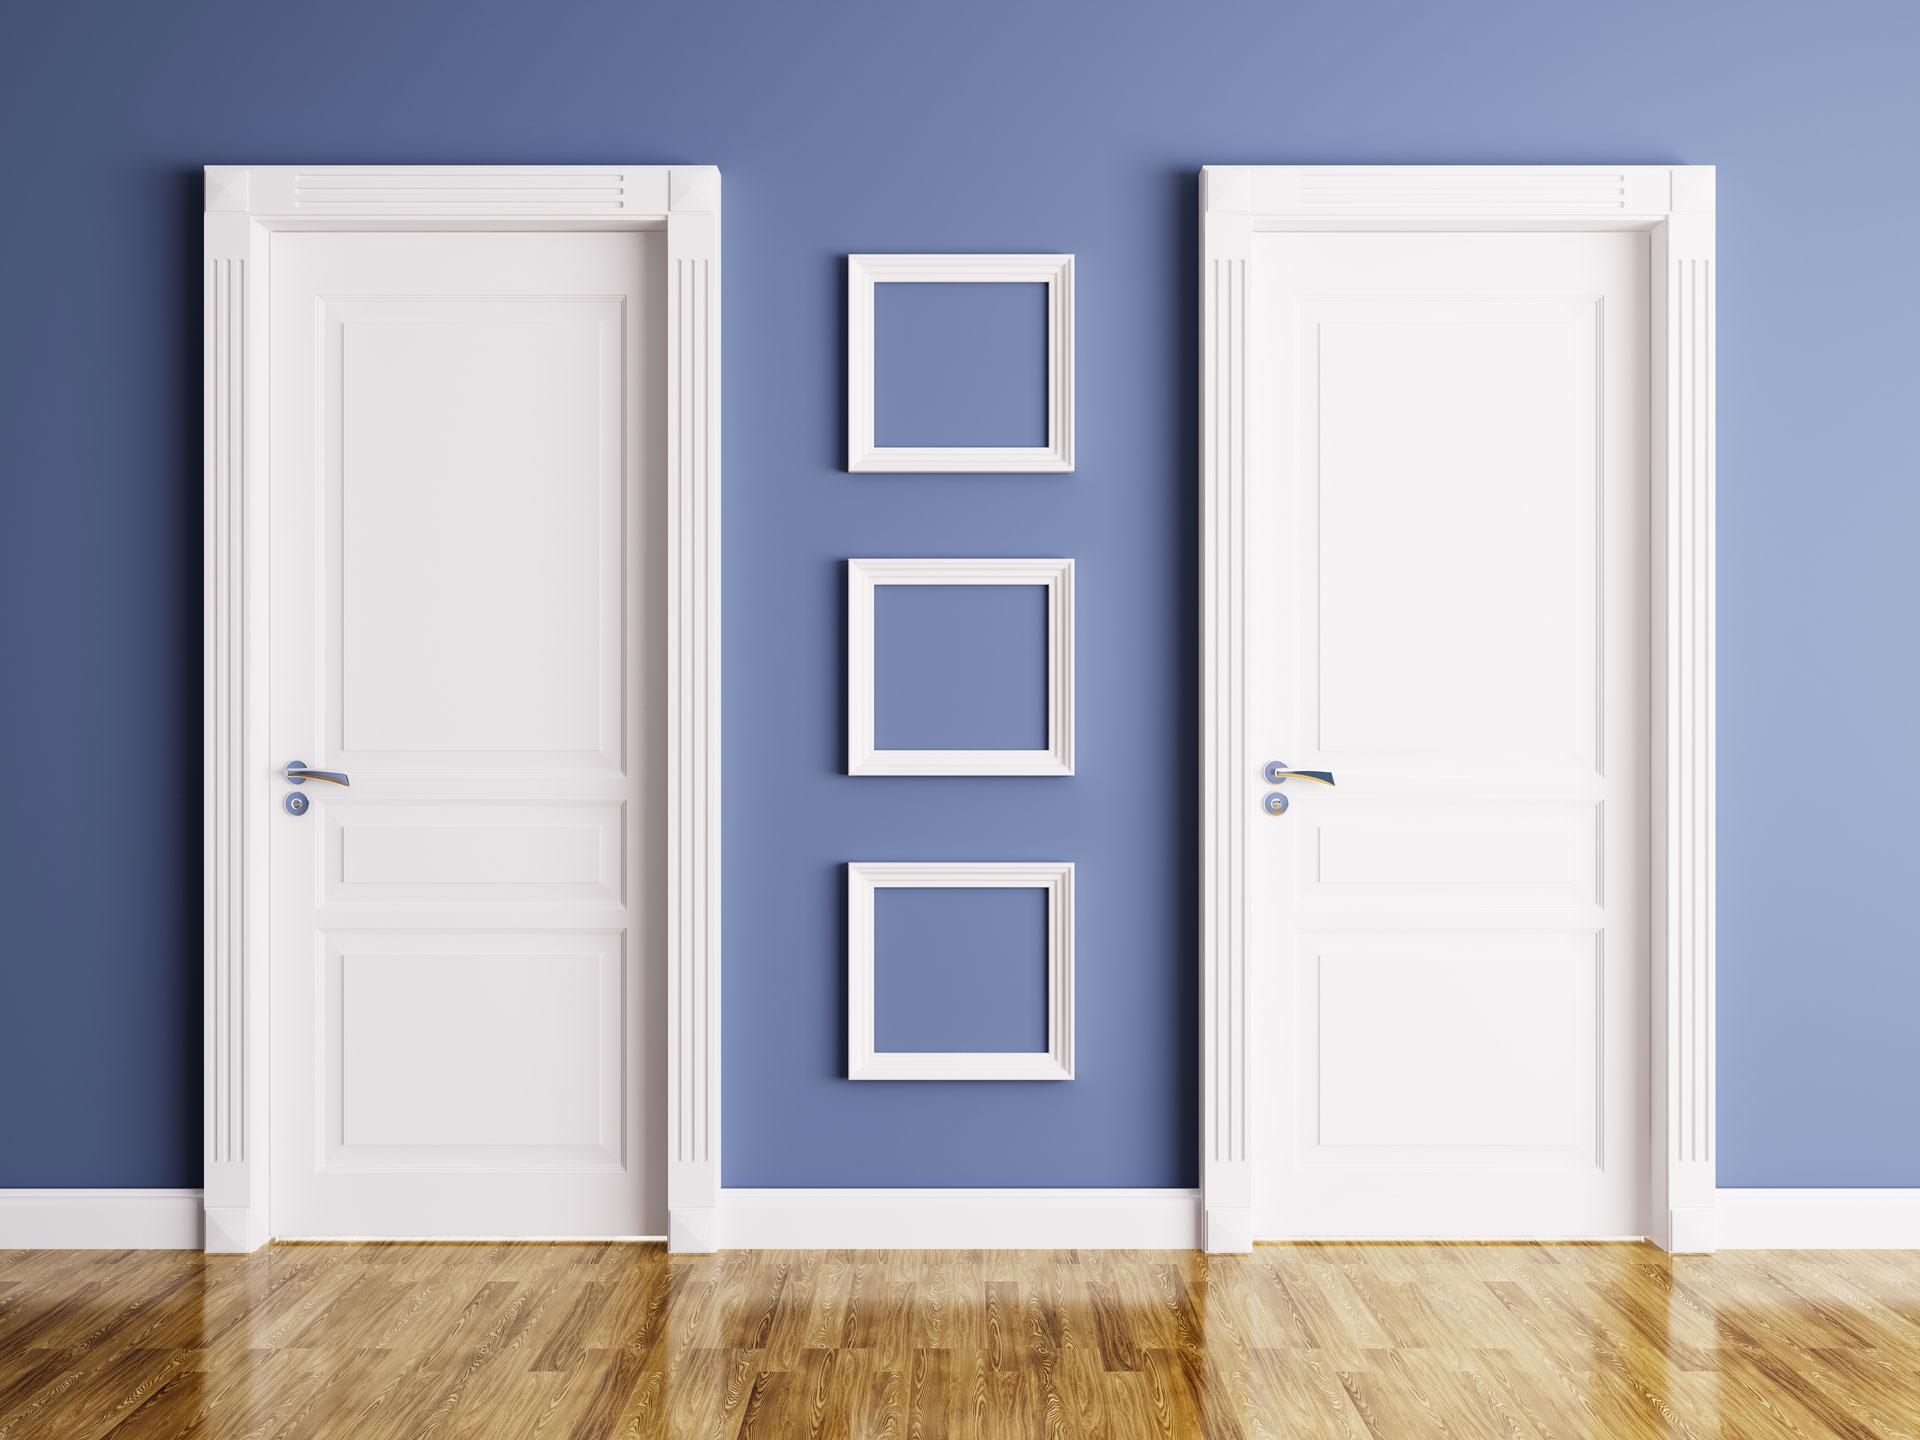 דלתות פולימר בדרום